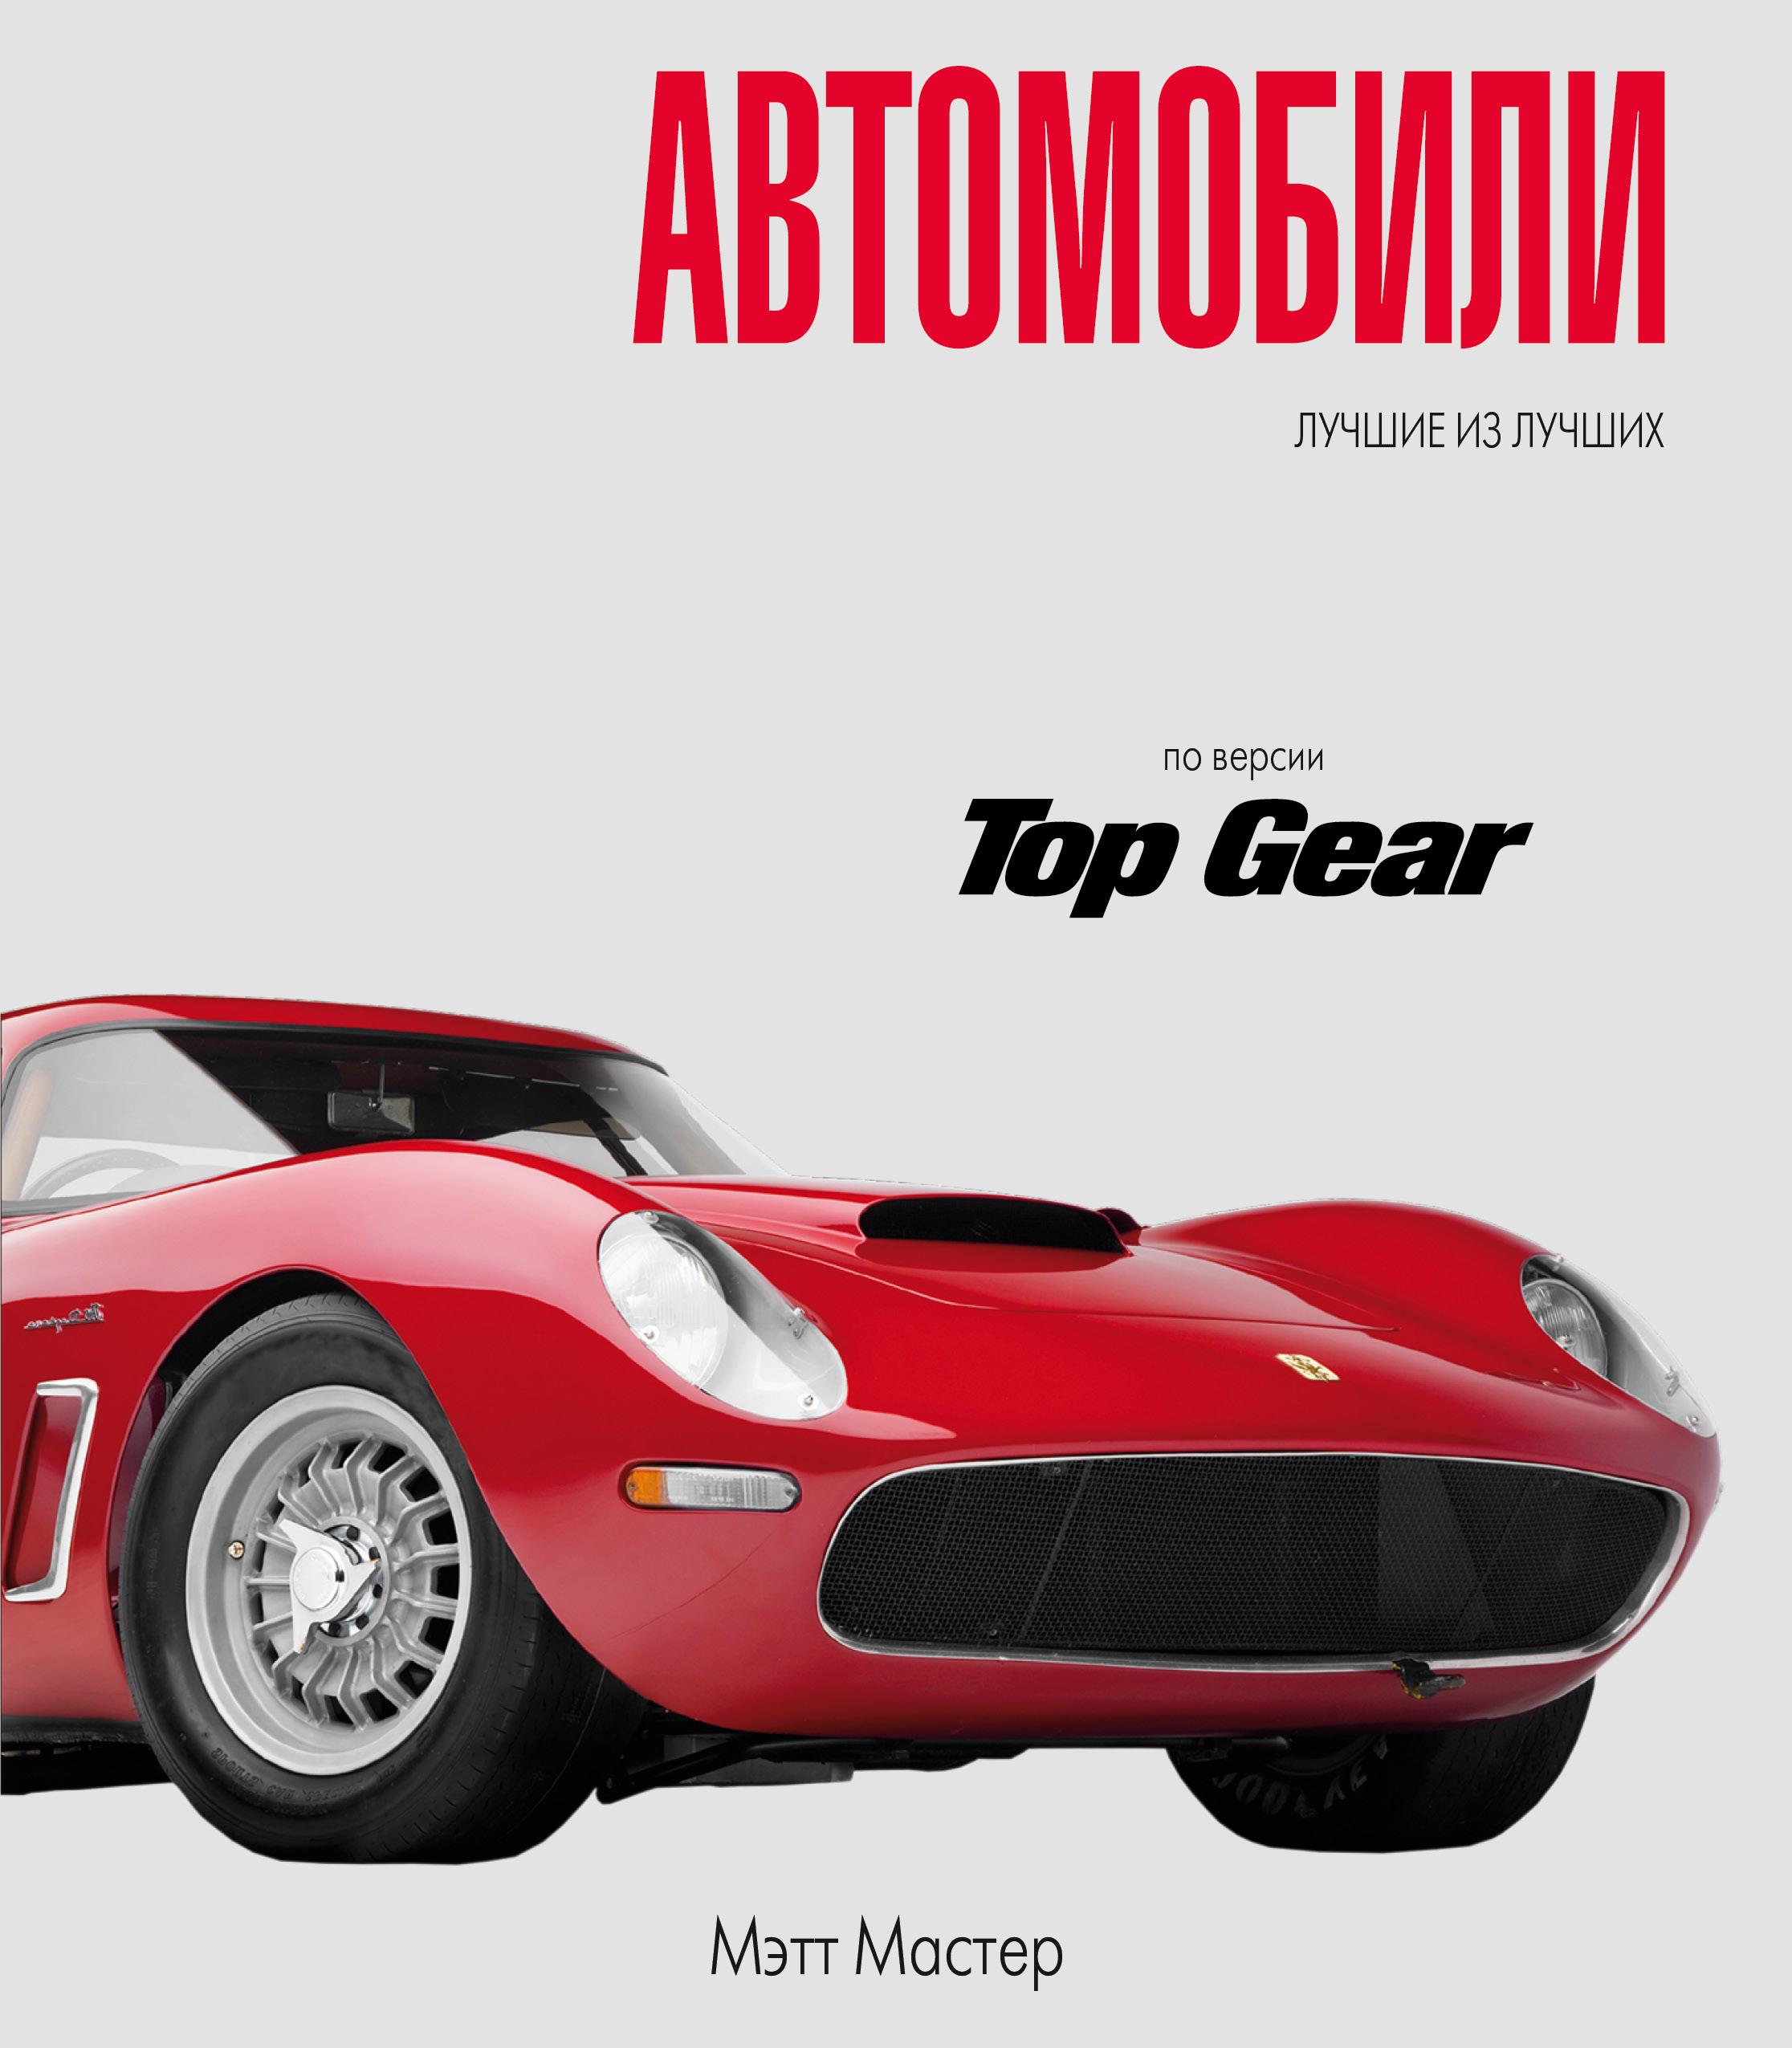 Мэт Мастер Автомобили - TopGear. Лучшие автомобили всех времен